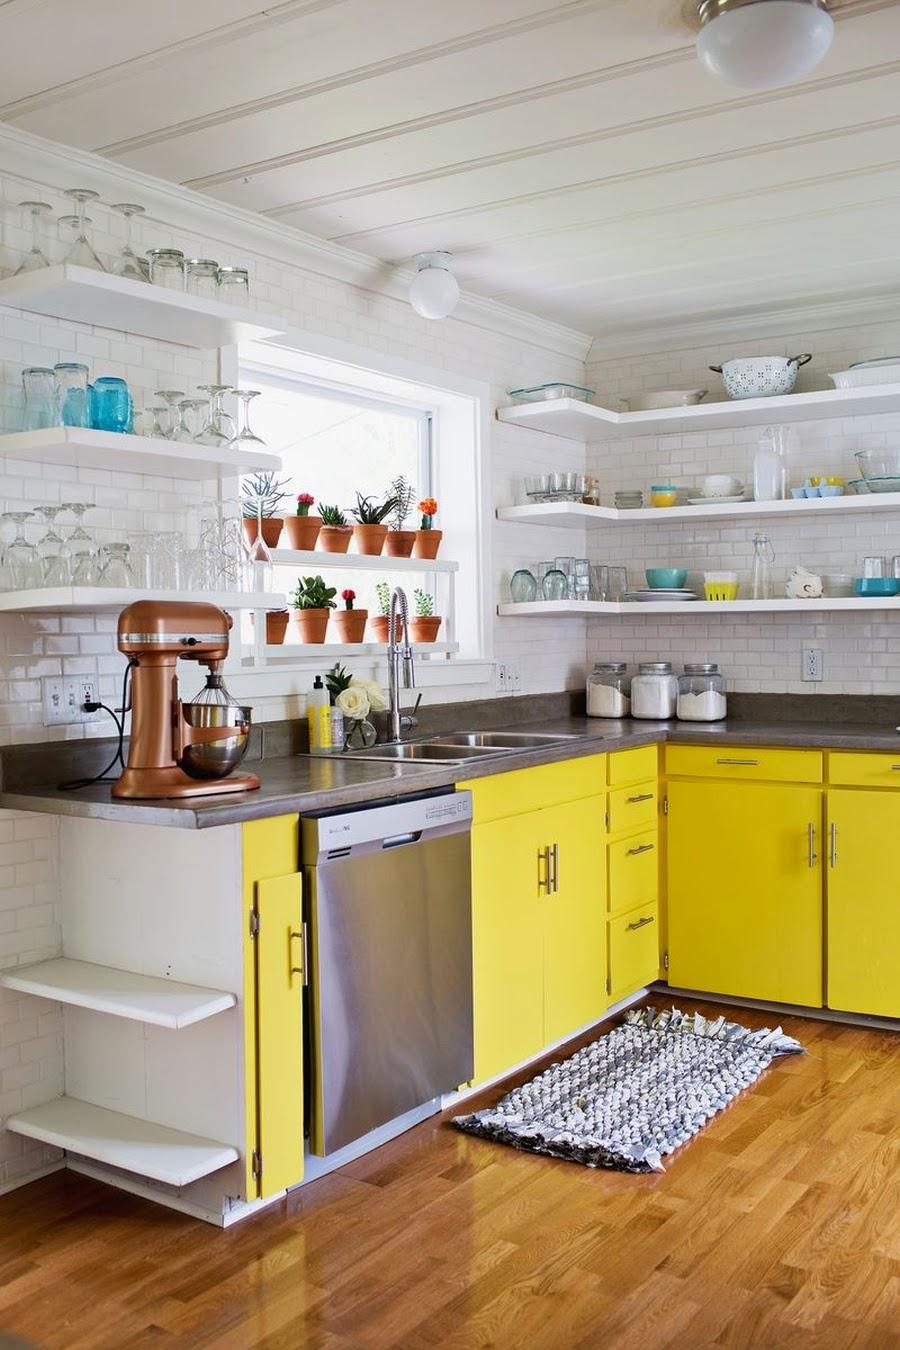 wystrój wnętrz, home decor, before after, wnętrza, aranżacje, metamorfoza, kuchnia, remont, biała kuchnia